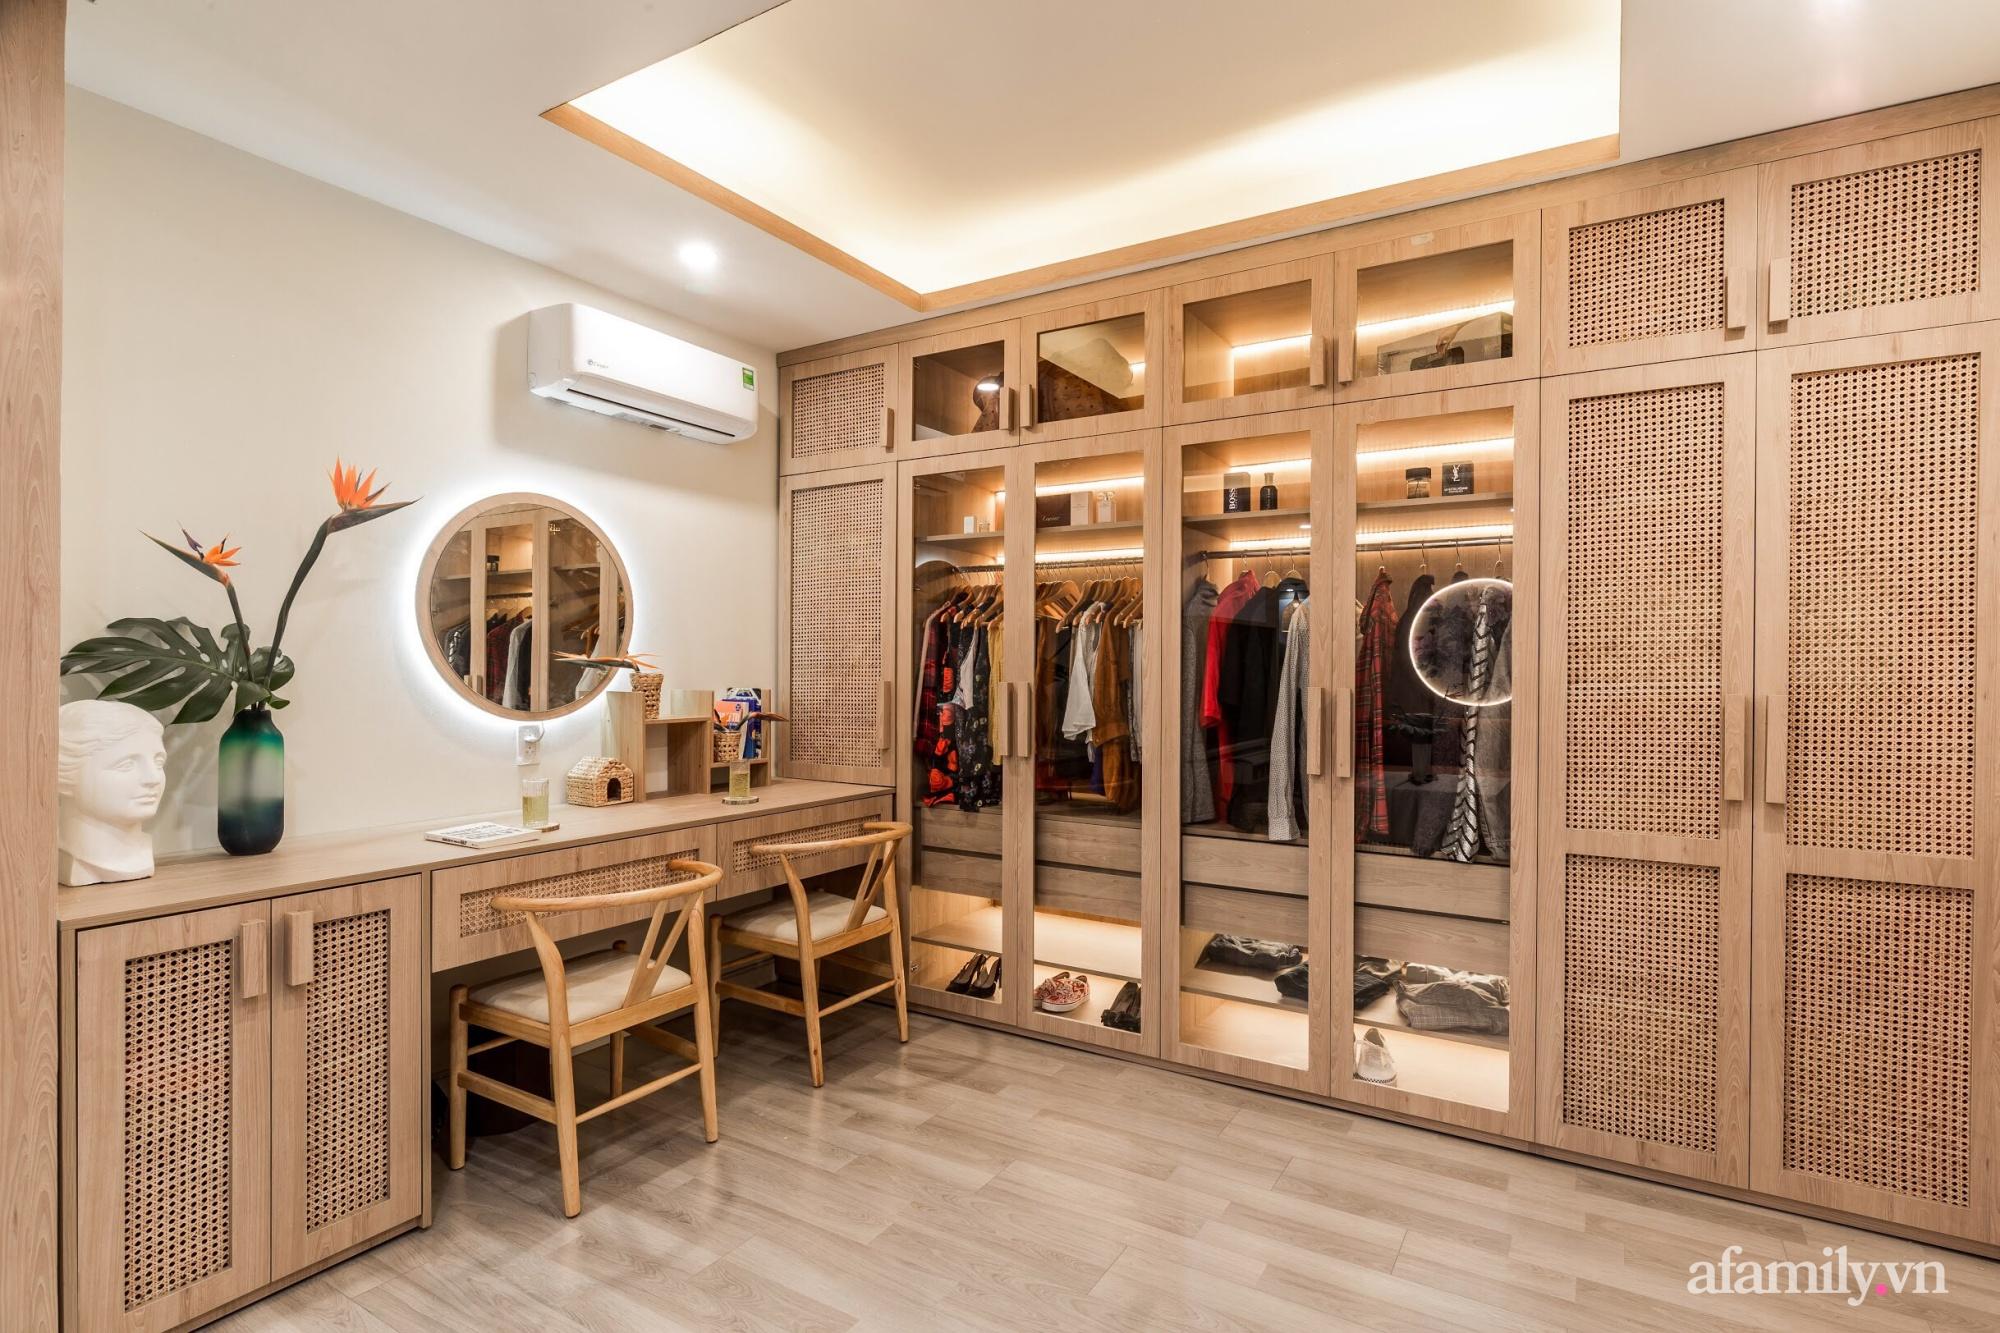 """Căn hộ 75m² """"ghi điểm"""" với thiết kế phong cách Nhật tinh tế có chi phí hoàn thiện 400 triệu đồng ở Sài Gòn - Ảnh 8."""